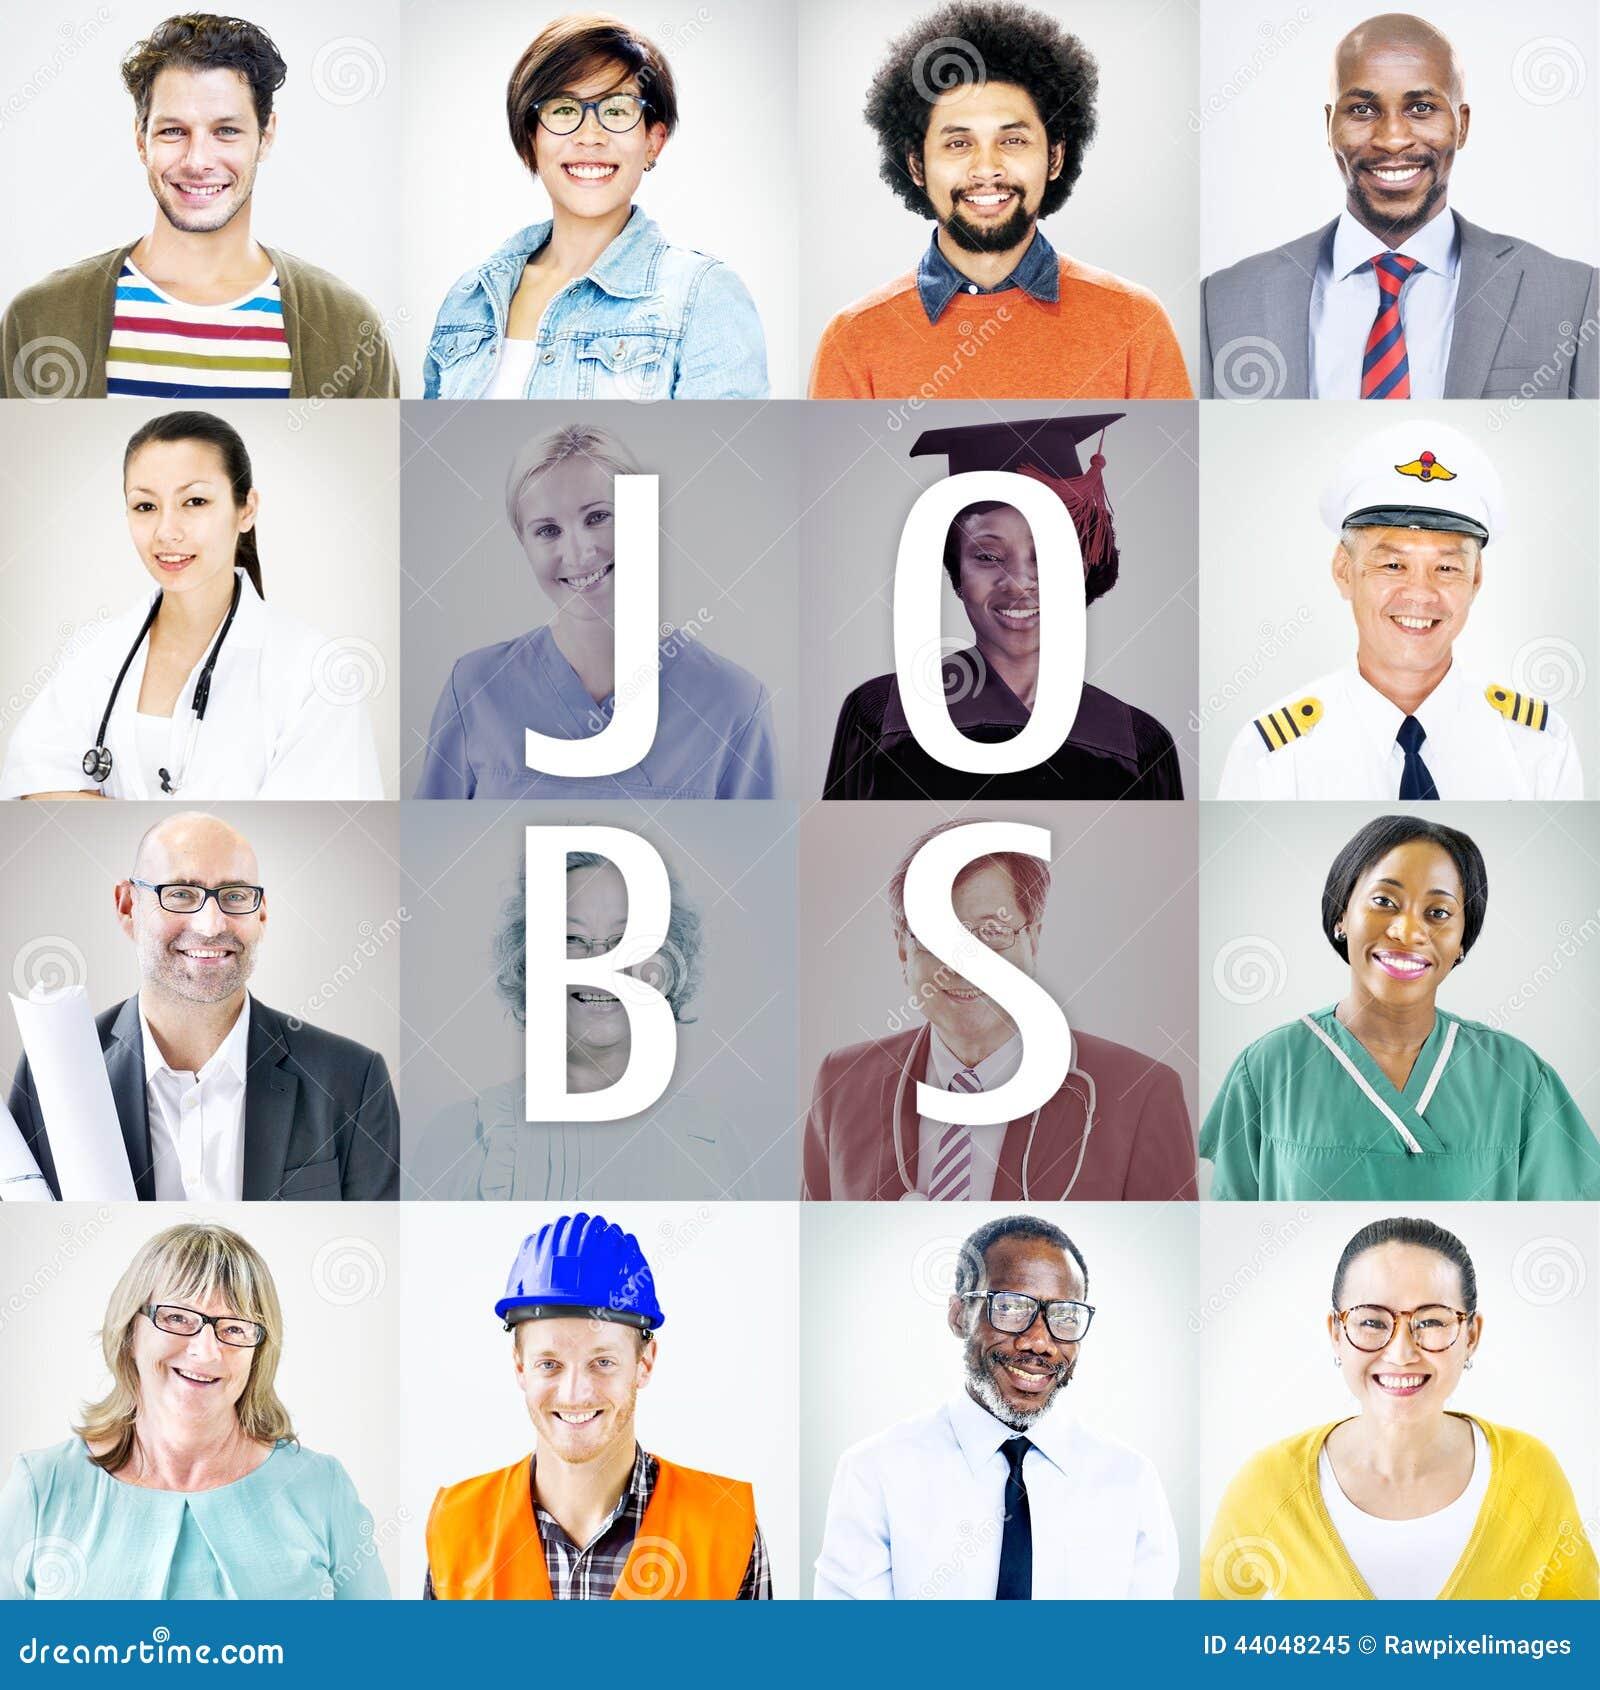 Πορτρέτα των διαφορετικών ανθρώπων με τις διαφορετικές εργασίες